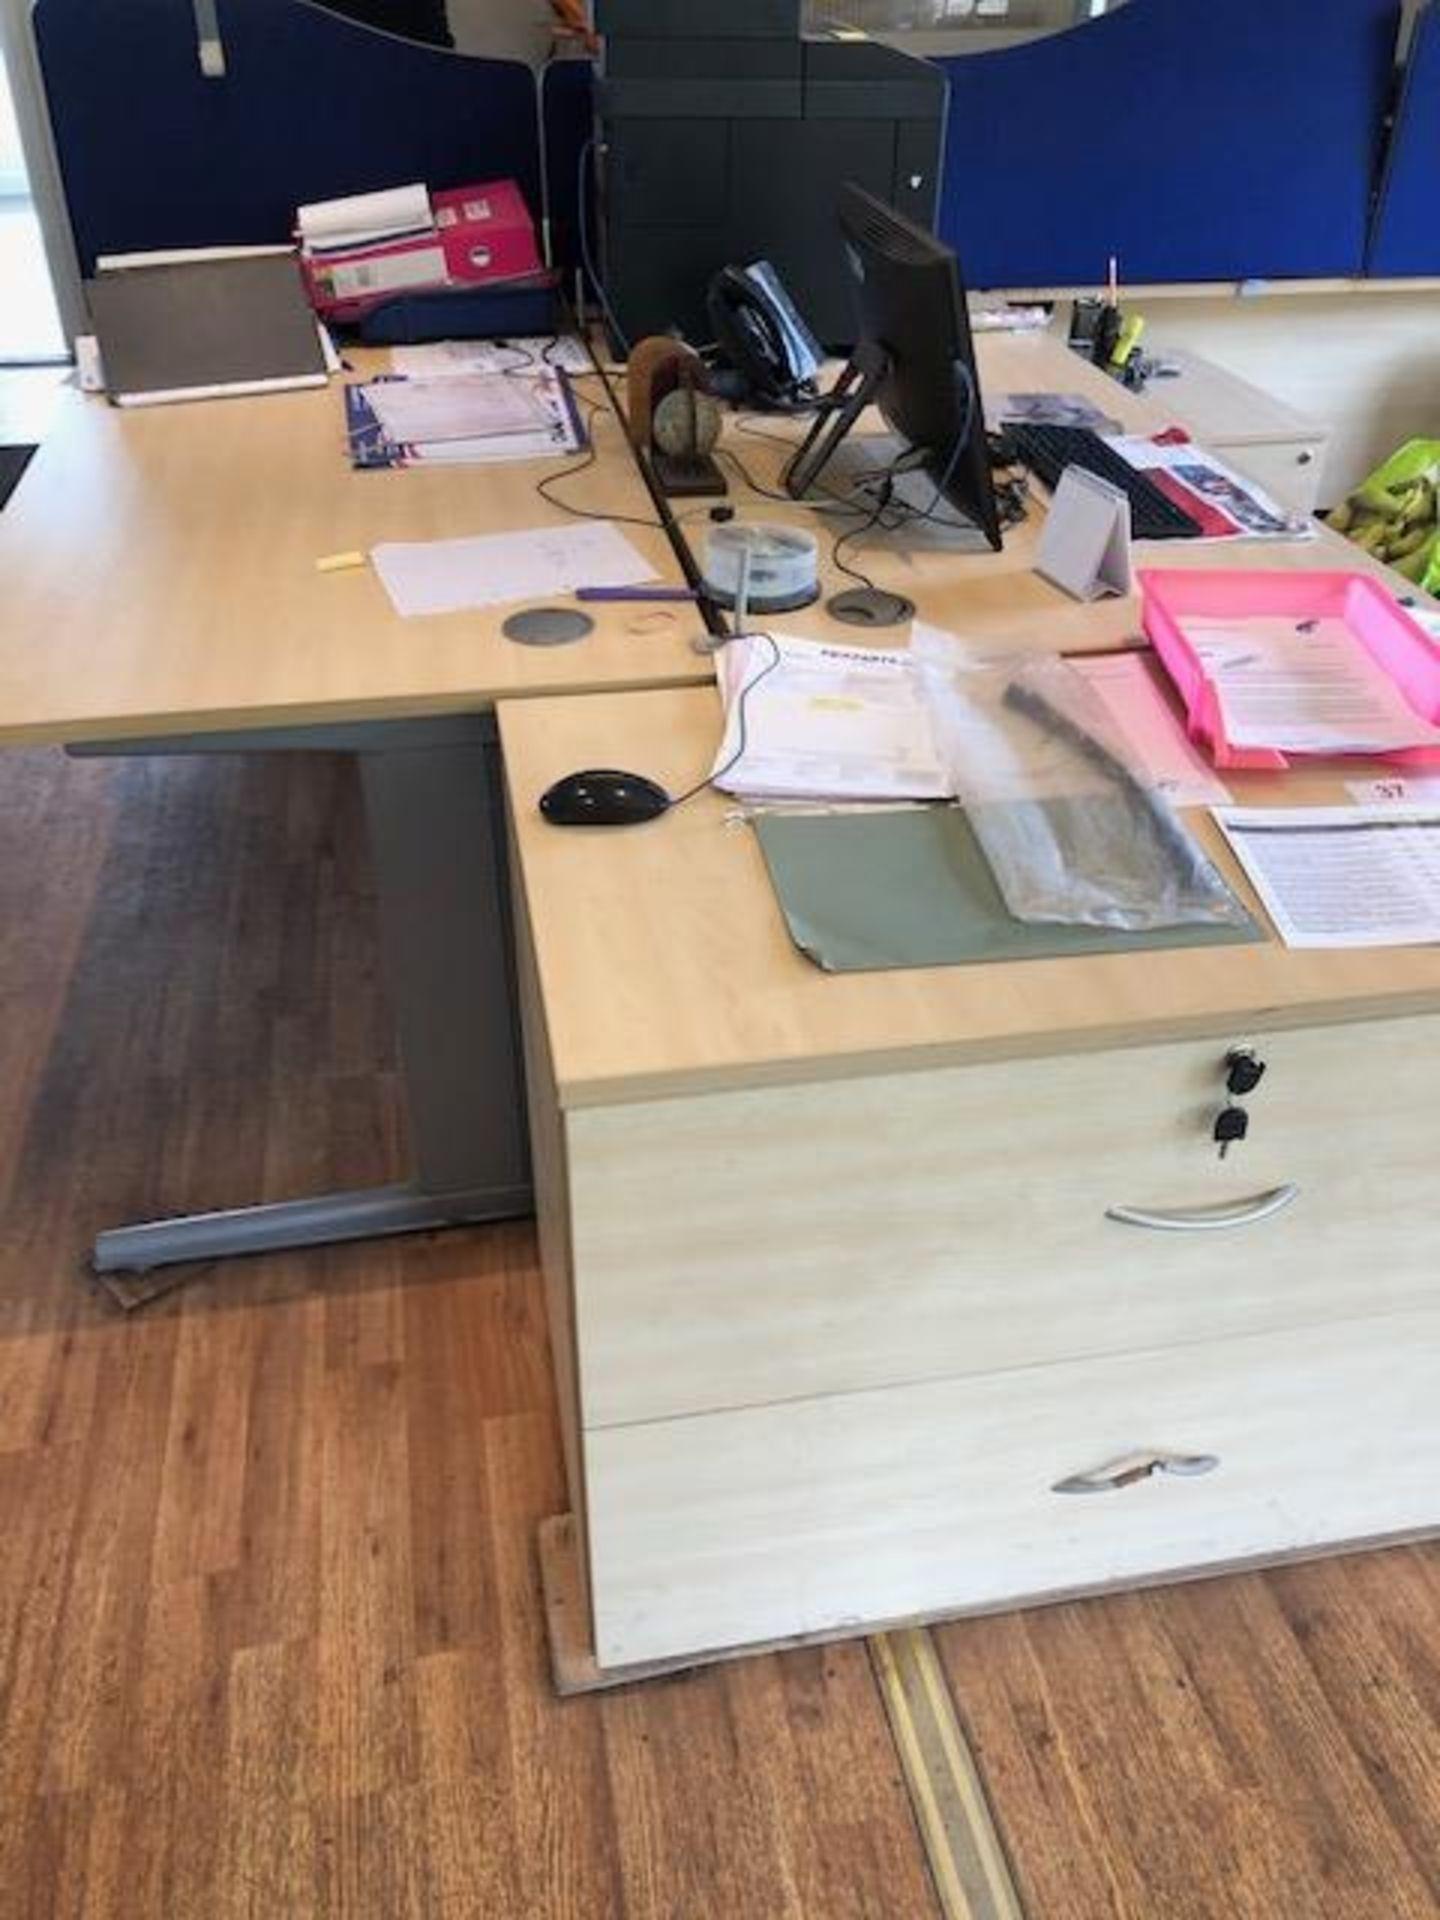 Lot 73 - Three light oak veneer tables L 1600mm W 1200mm, two light oak veneer wave front tables with desk